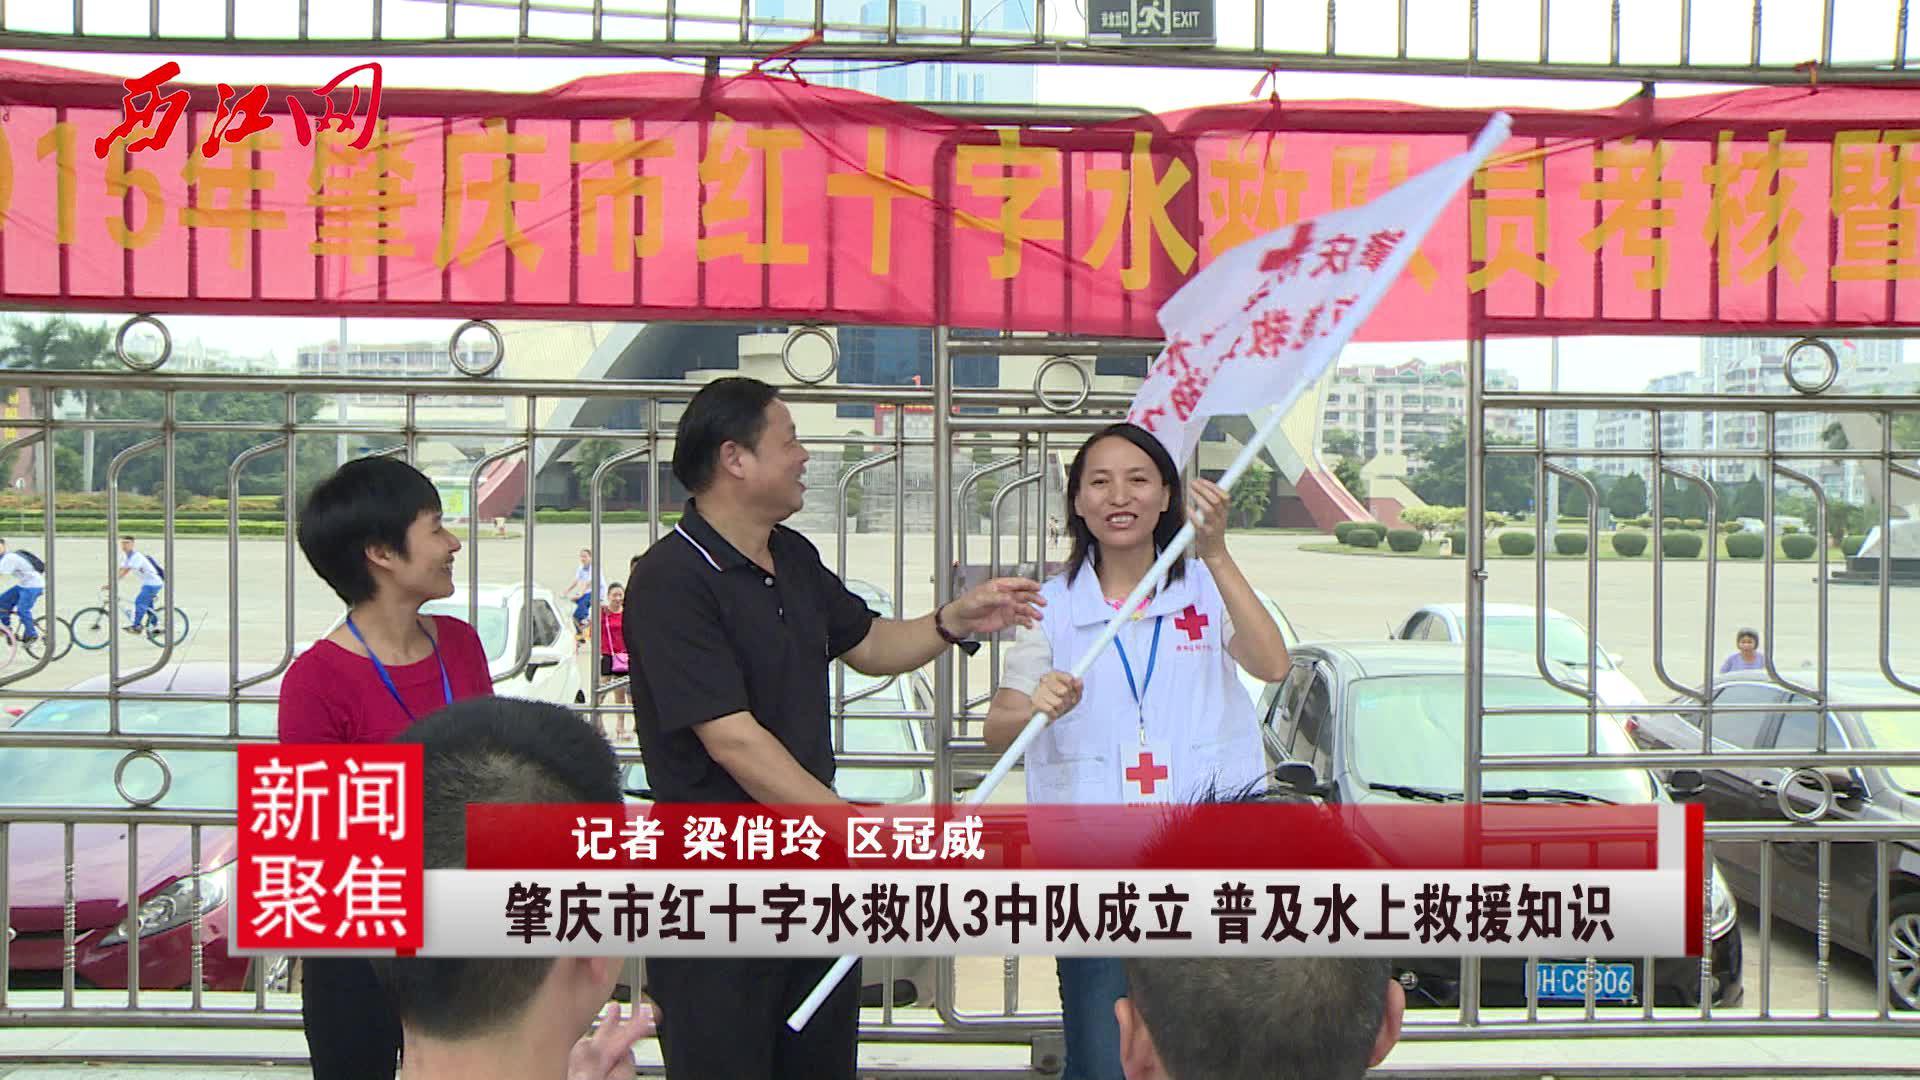 肇庆市红十字水救队3中队成立 普及水上救援知识